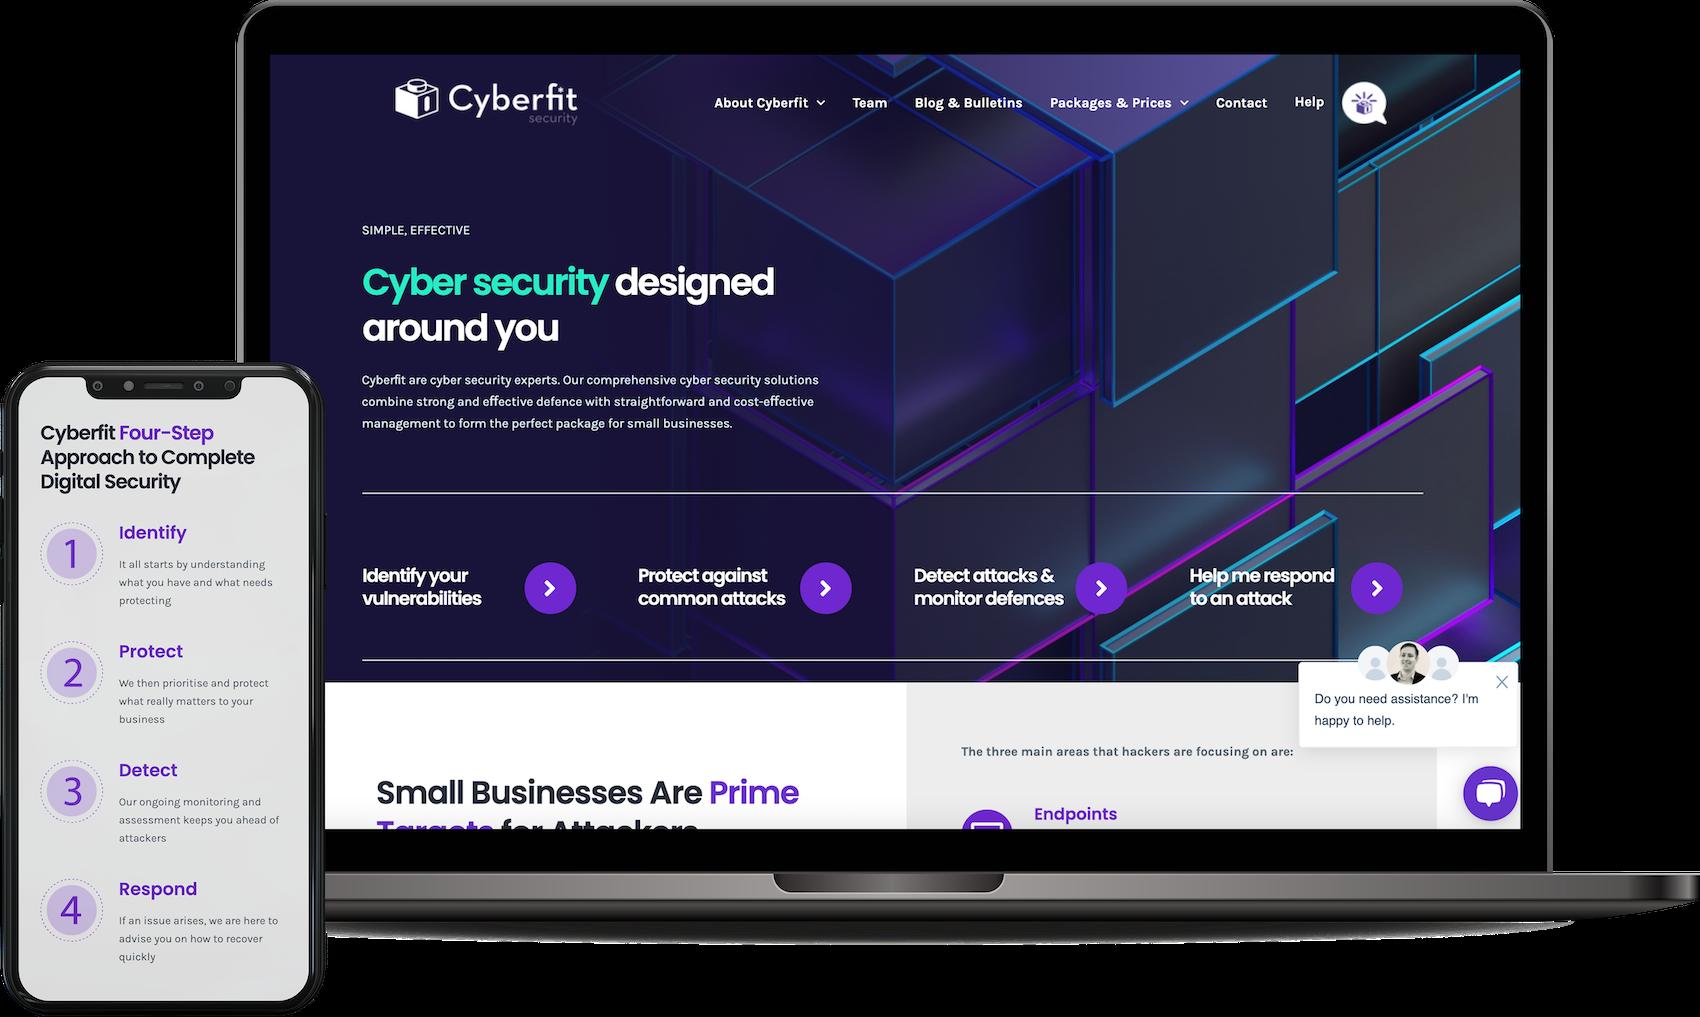 Laptop - Cyberfit UK - Website Design